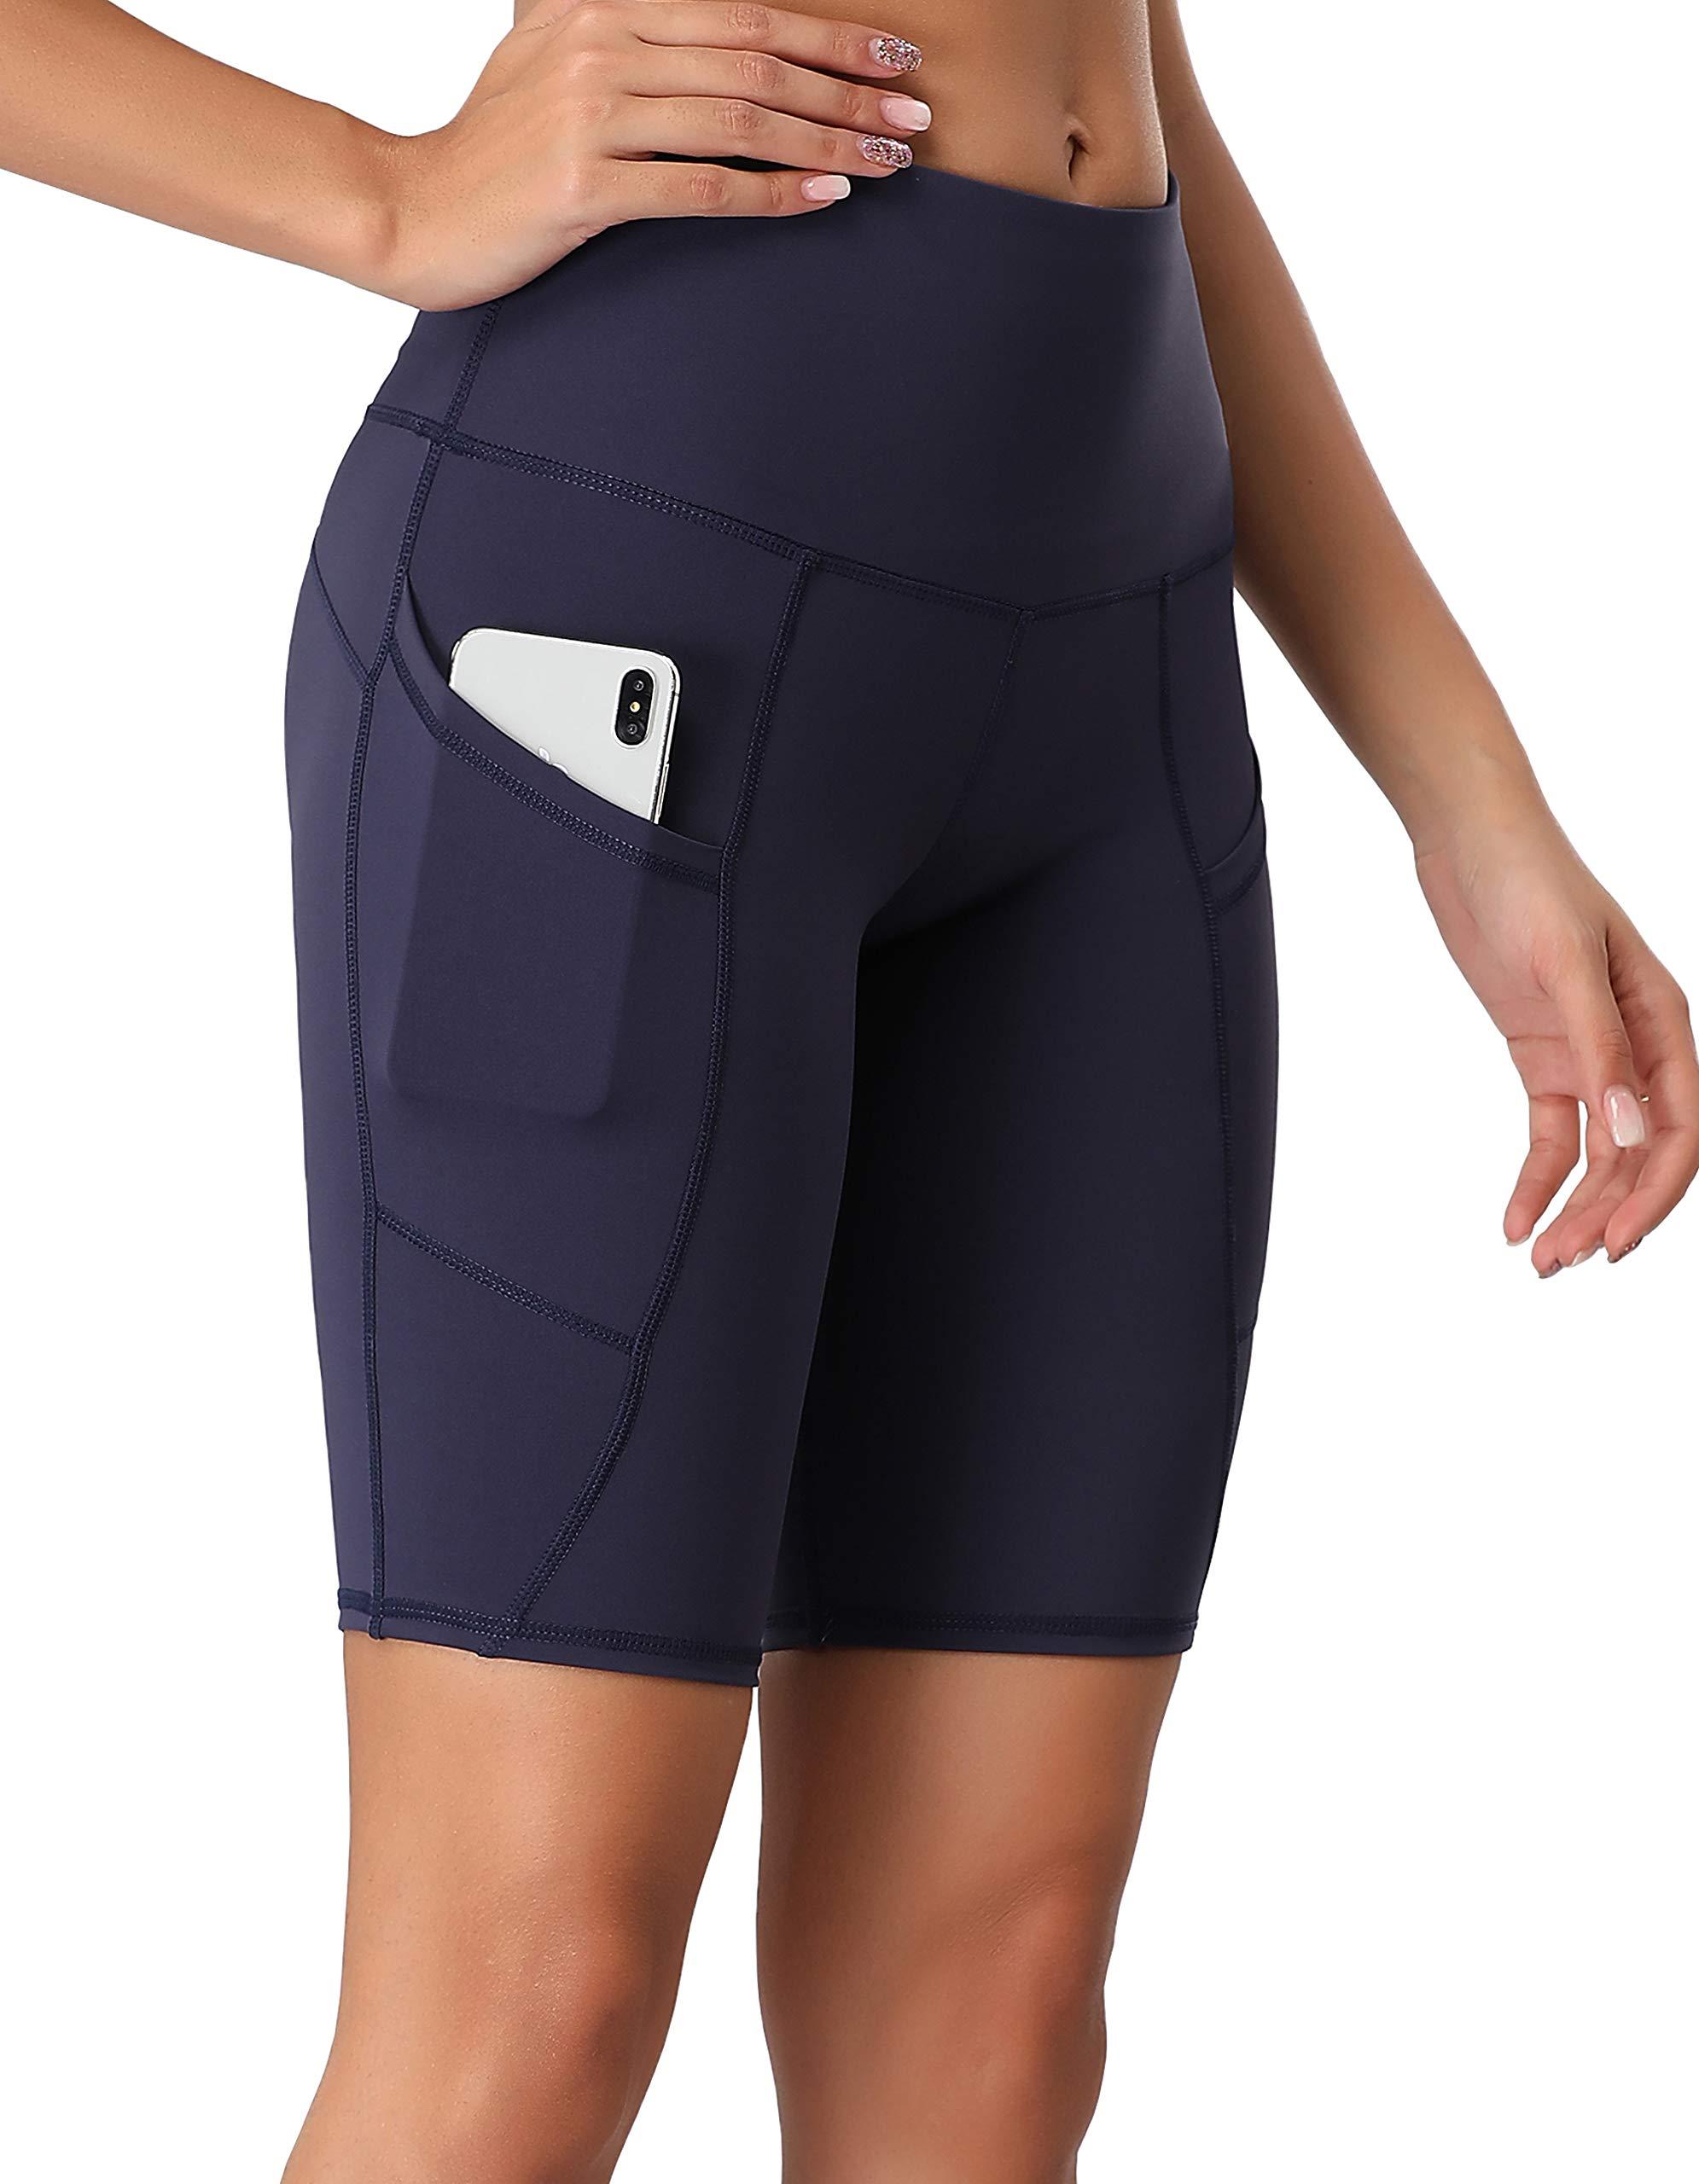 Oalka Women's Short Yoga Side Pockets High Waist Workout Running Shorts Navy Blue XL by Oalka